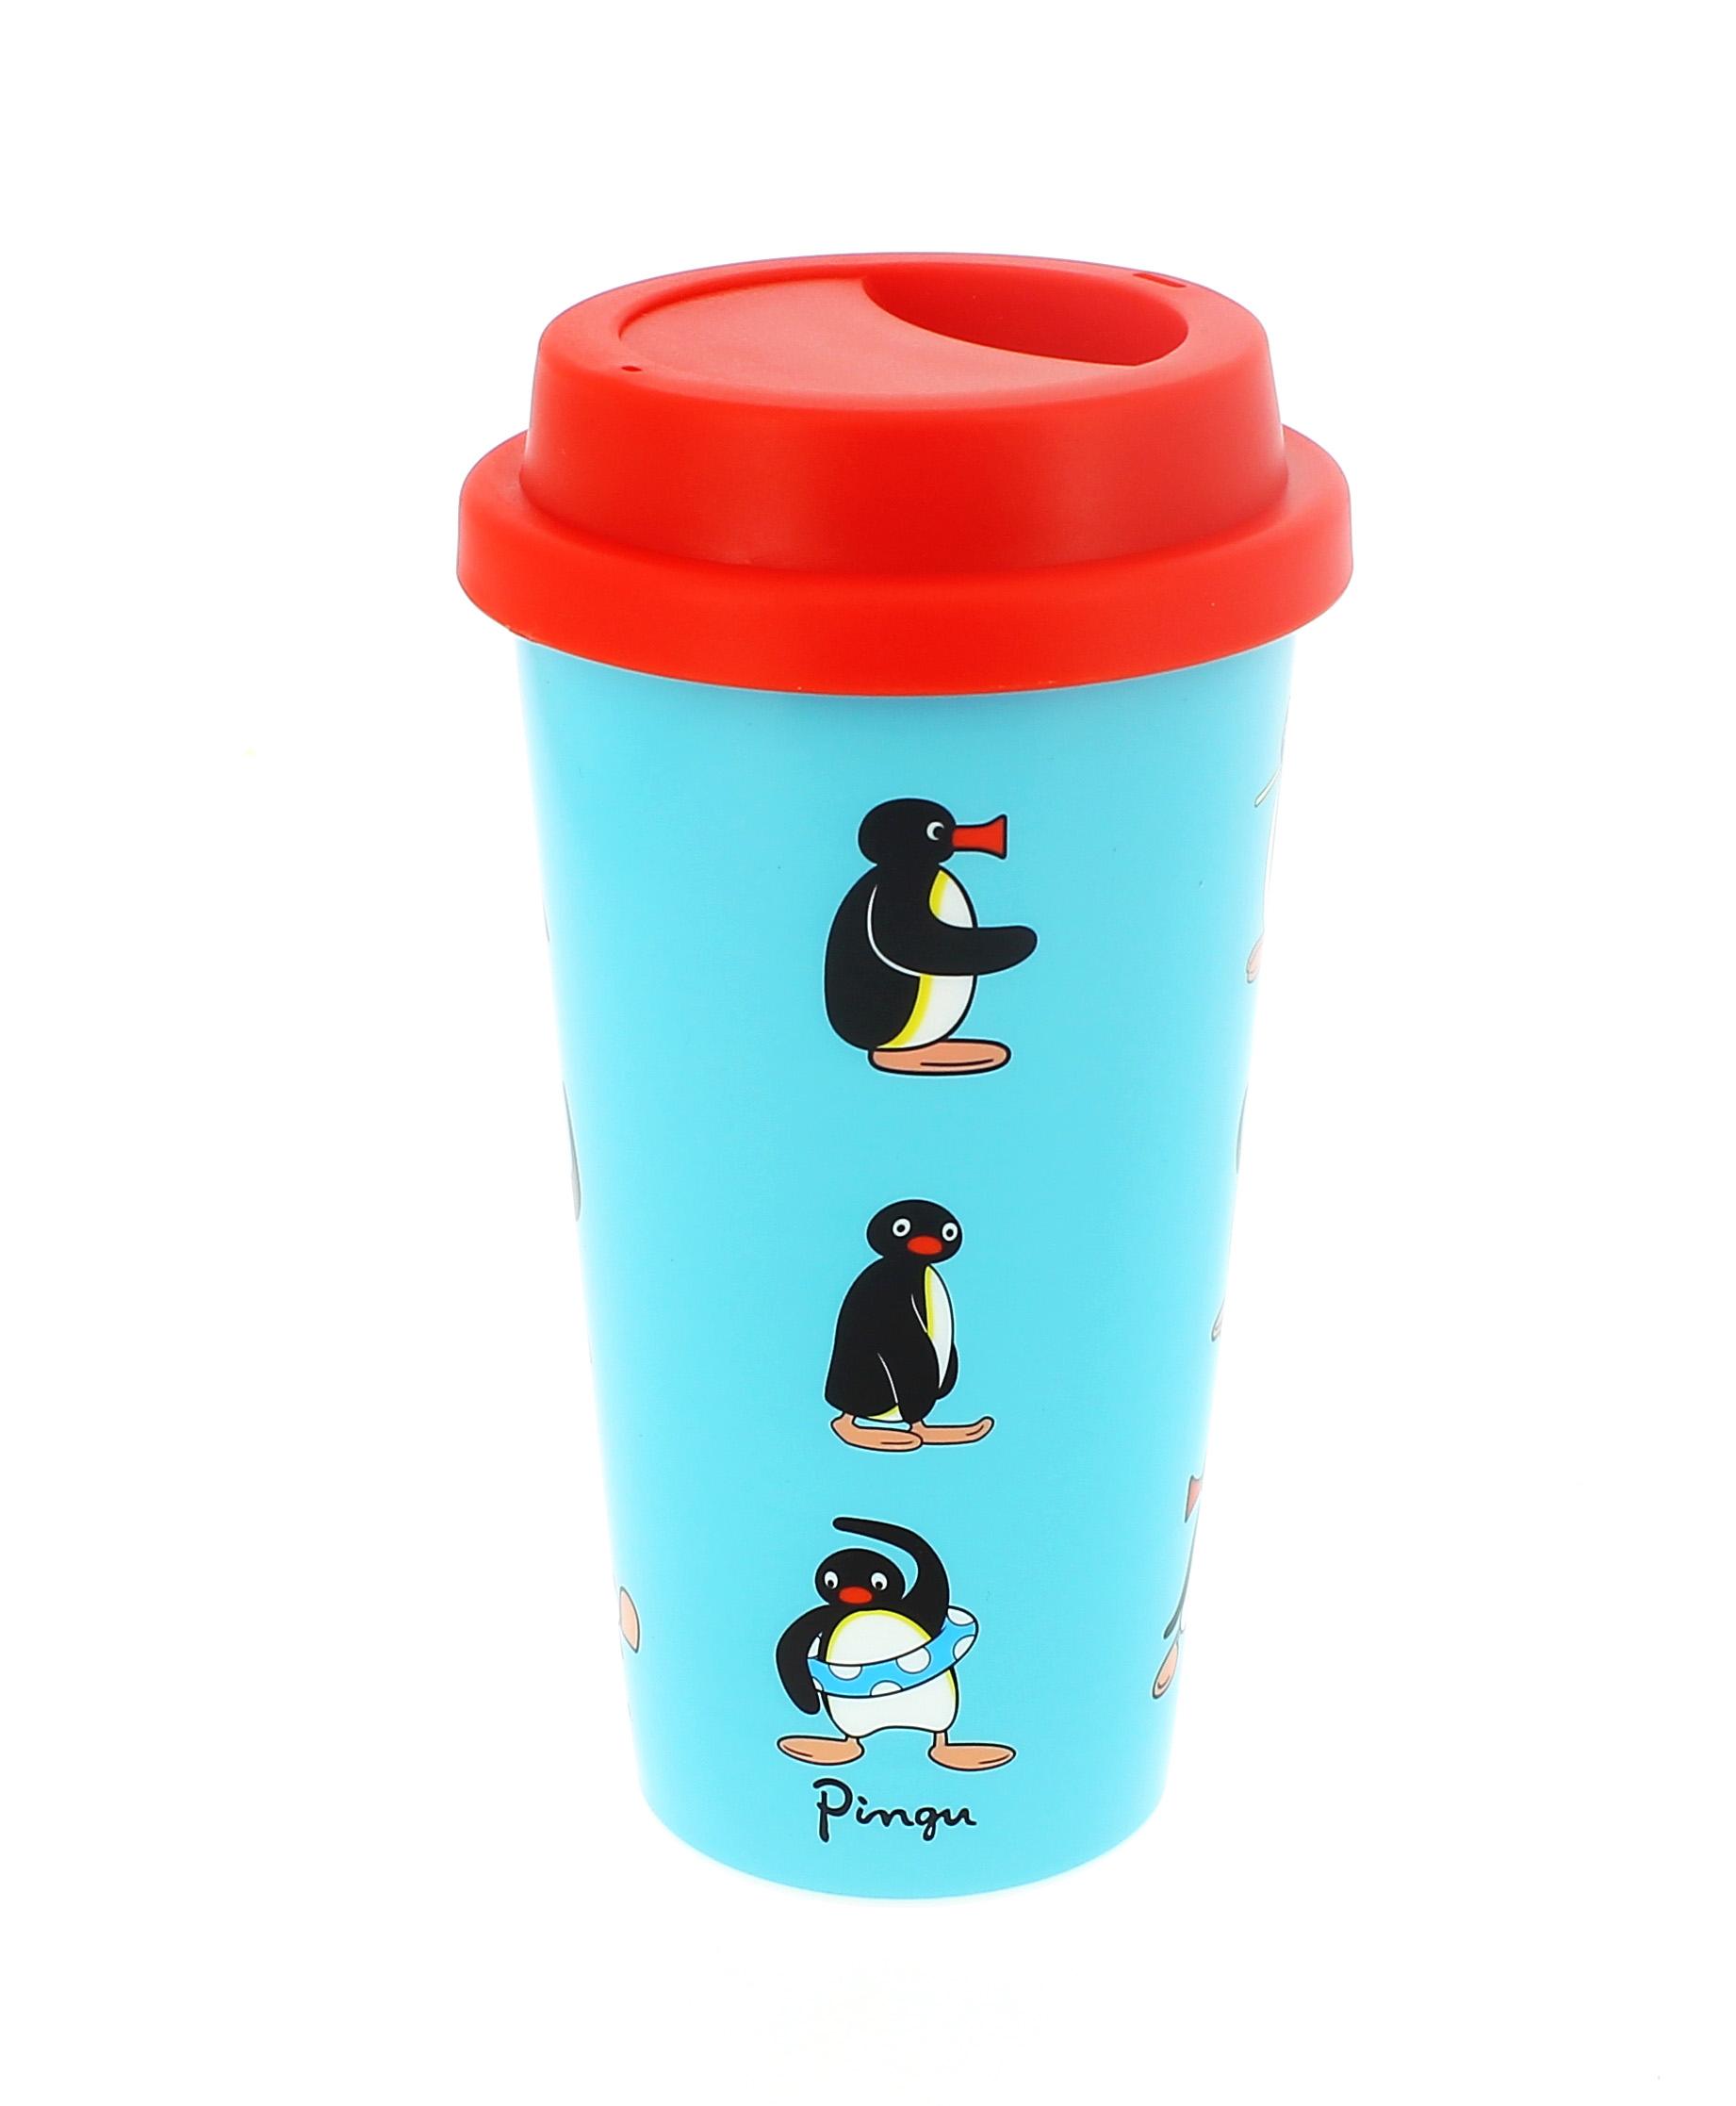 Pingu Travel Mug